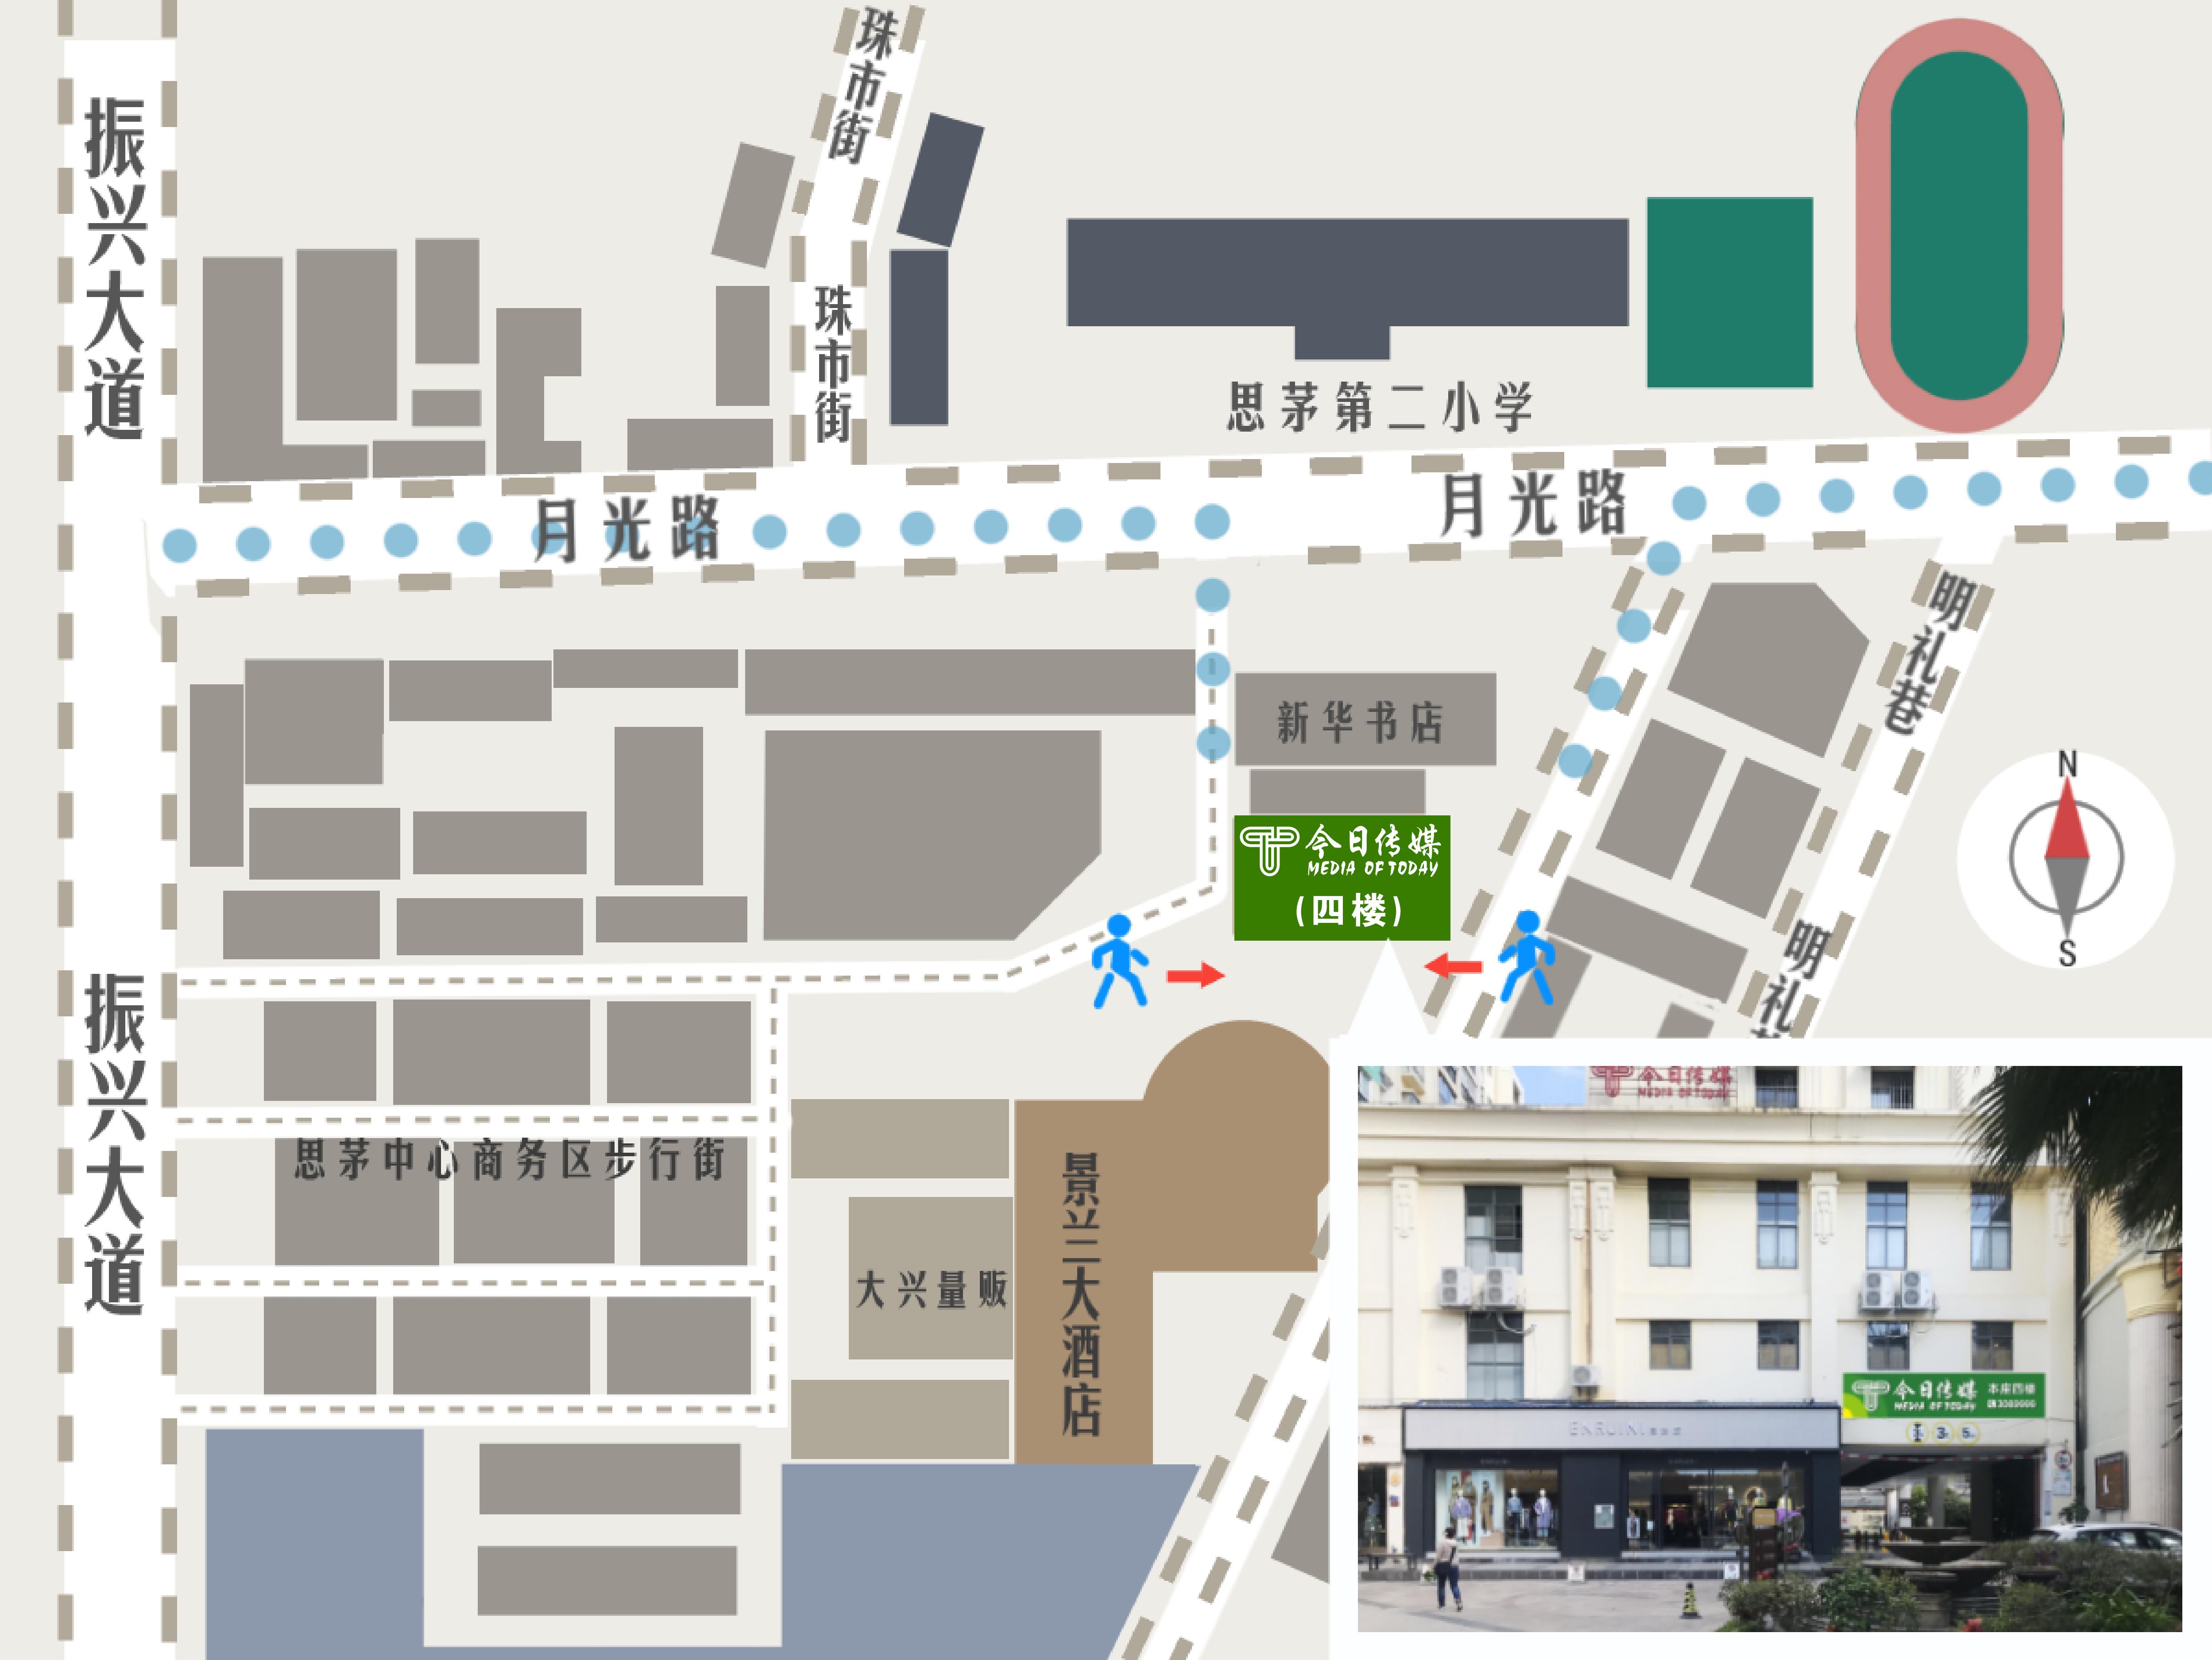 地图2 拷贝.jpg